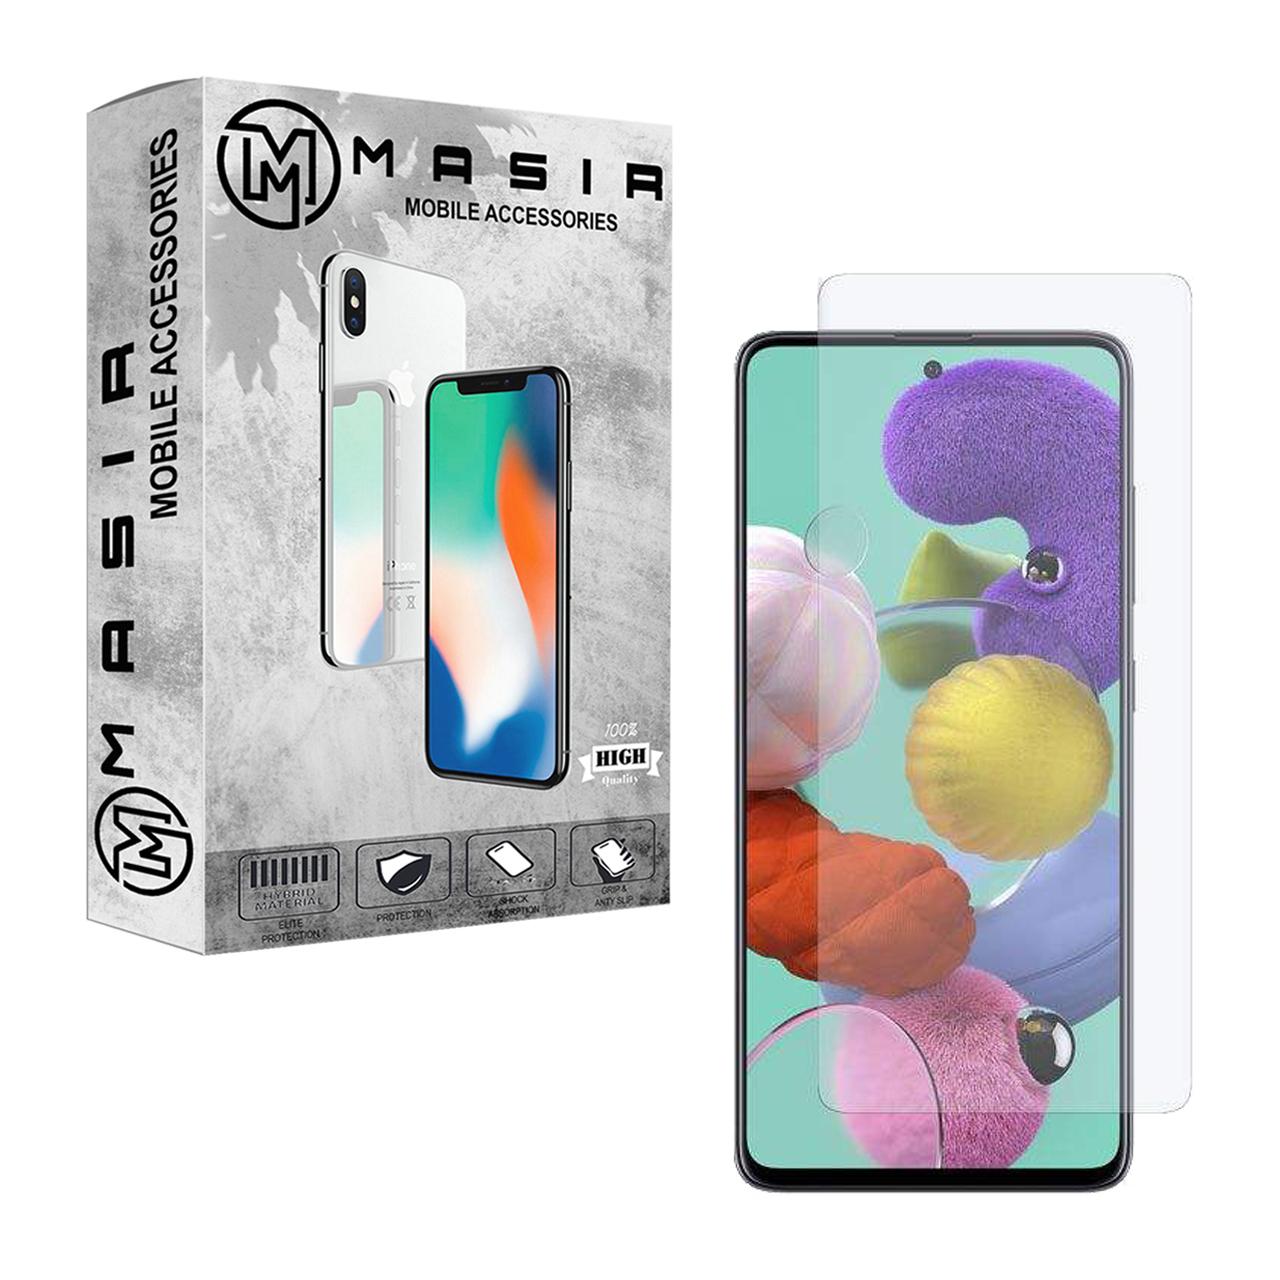 محافظ صفحه نمایش مسیر مدل MGMJ-1 مناسب برای گوشی موبایل سامسونگ Galaxy A51              ( قیمت و خرید)